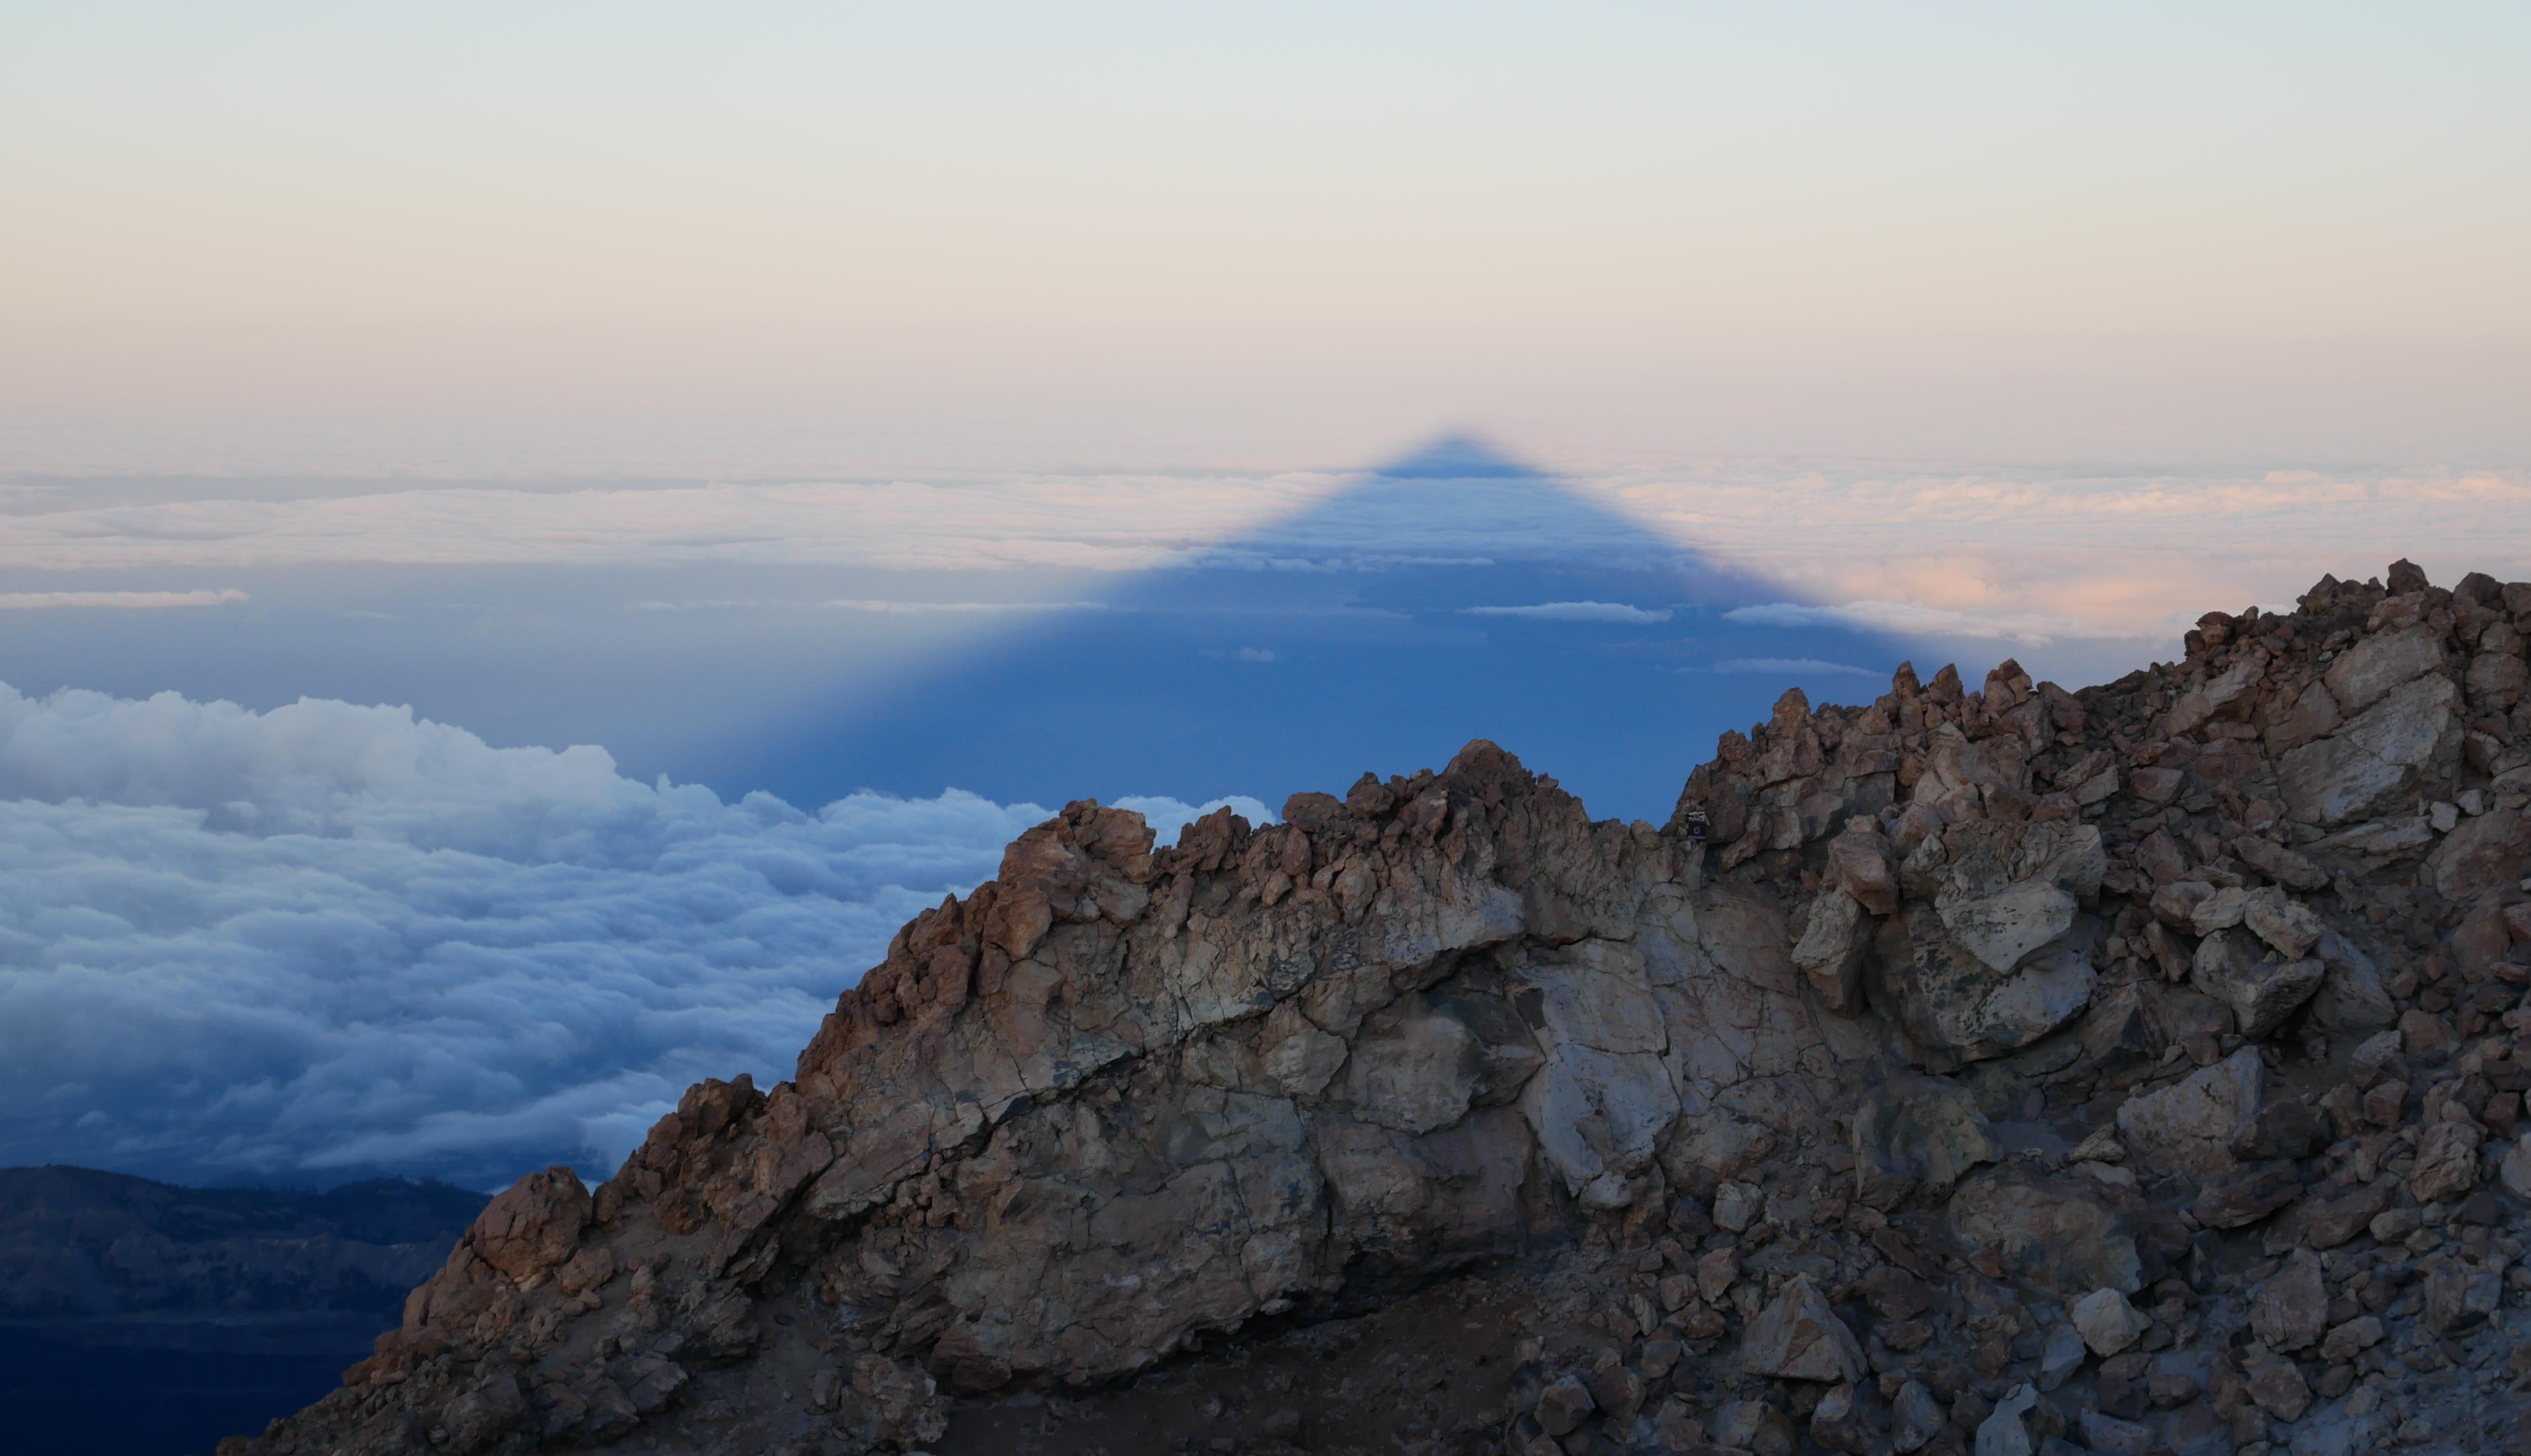 Der Teide wirft einen Schatten beim Sonnenaufgang